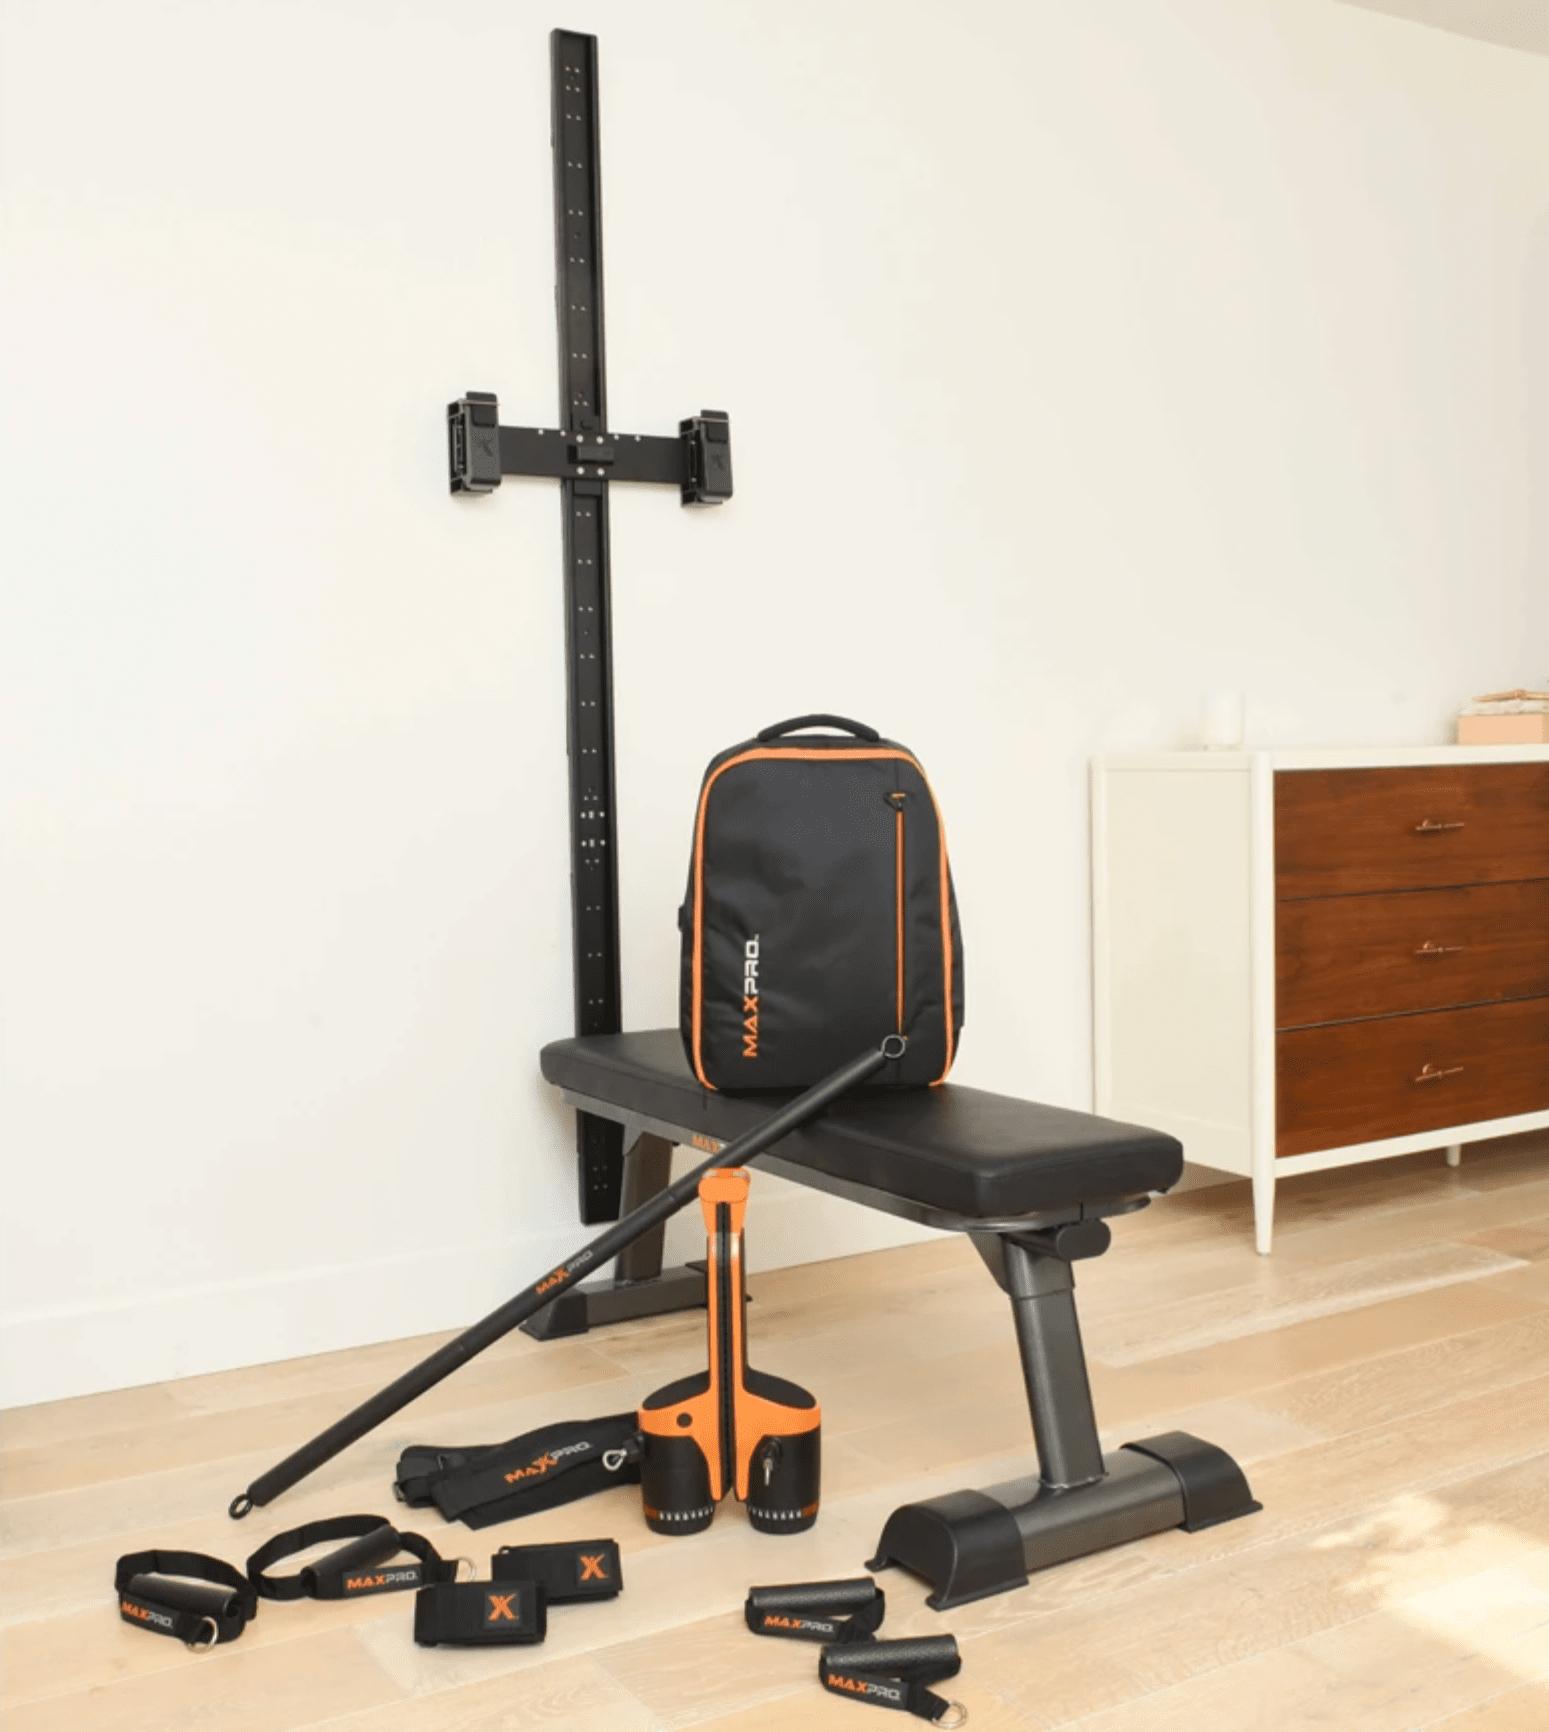 MaxPro Gym Fitness Machine